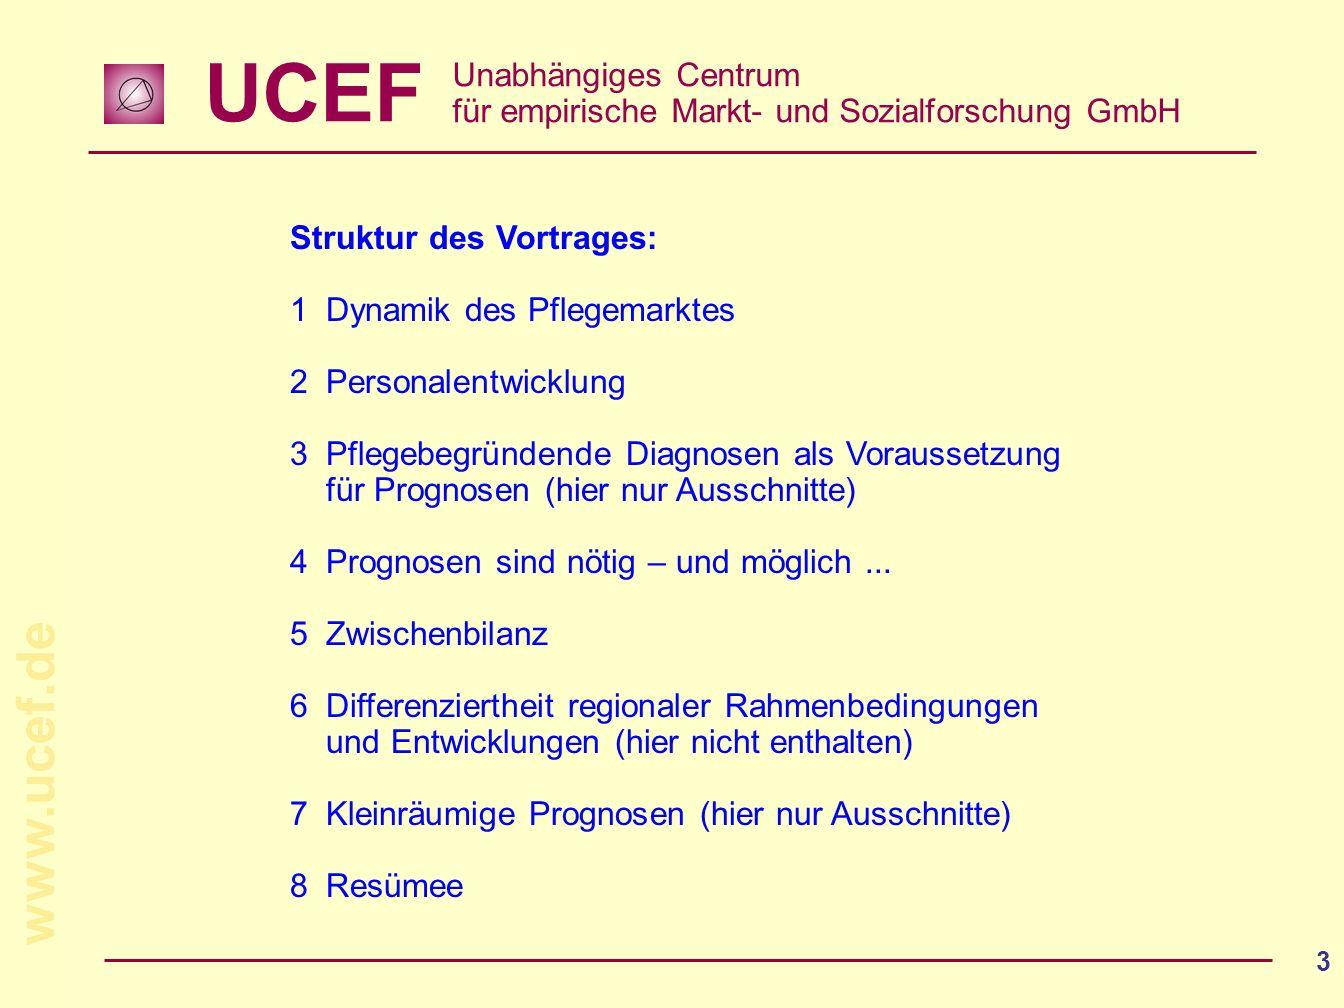 UCEF Unabhängiges Centrum für empirische Markt- und Sozialforschung GmbH www.ucef.de 3 Struktur des Vortrages: 1Dynamik des Pflegemarktes 2Personalentwicklung 3Pflegebegründende Diagnosen als Voraussetzung für Prognosen (hier nur Ausschnitte) 4Prognosen sind nötig – und möglich...